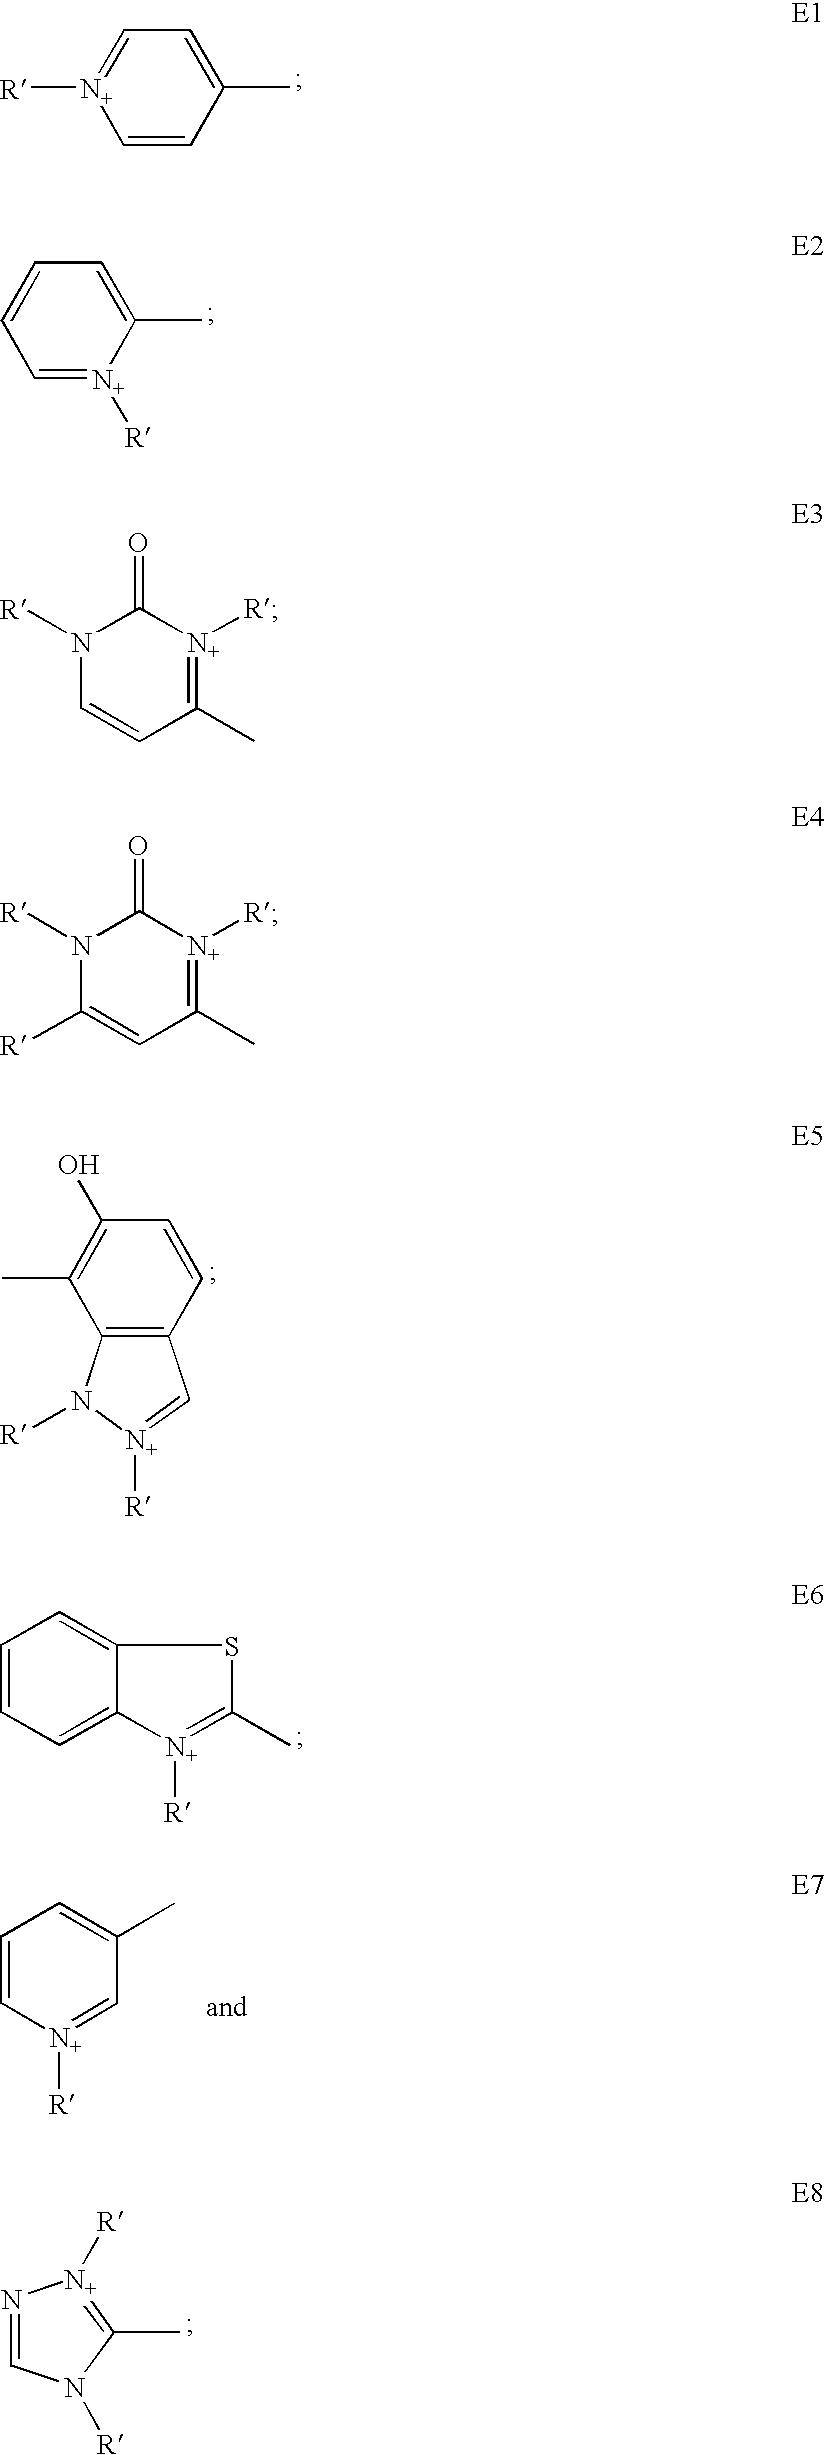 Figure US20090158533A1-20090625-C00011